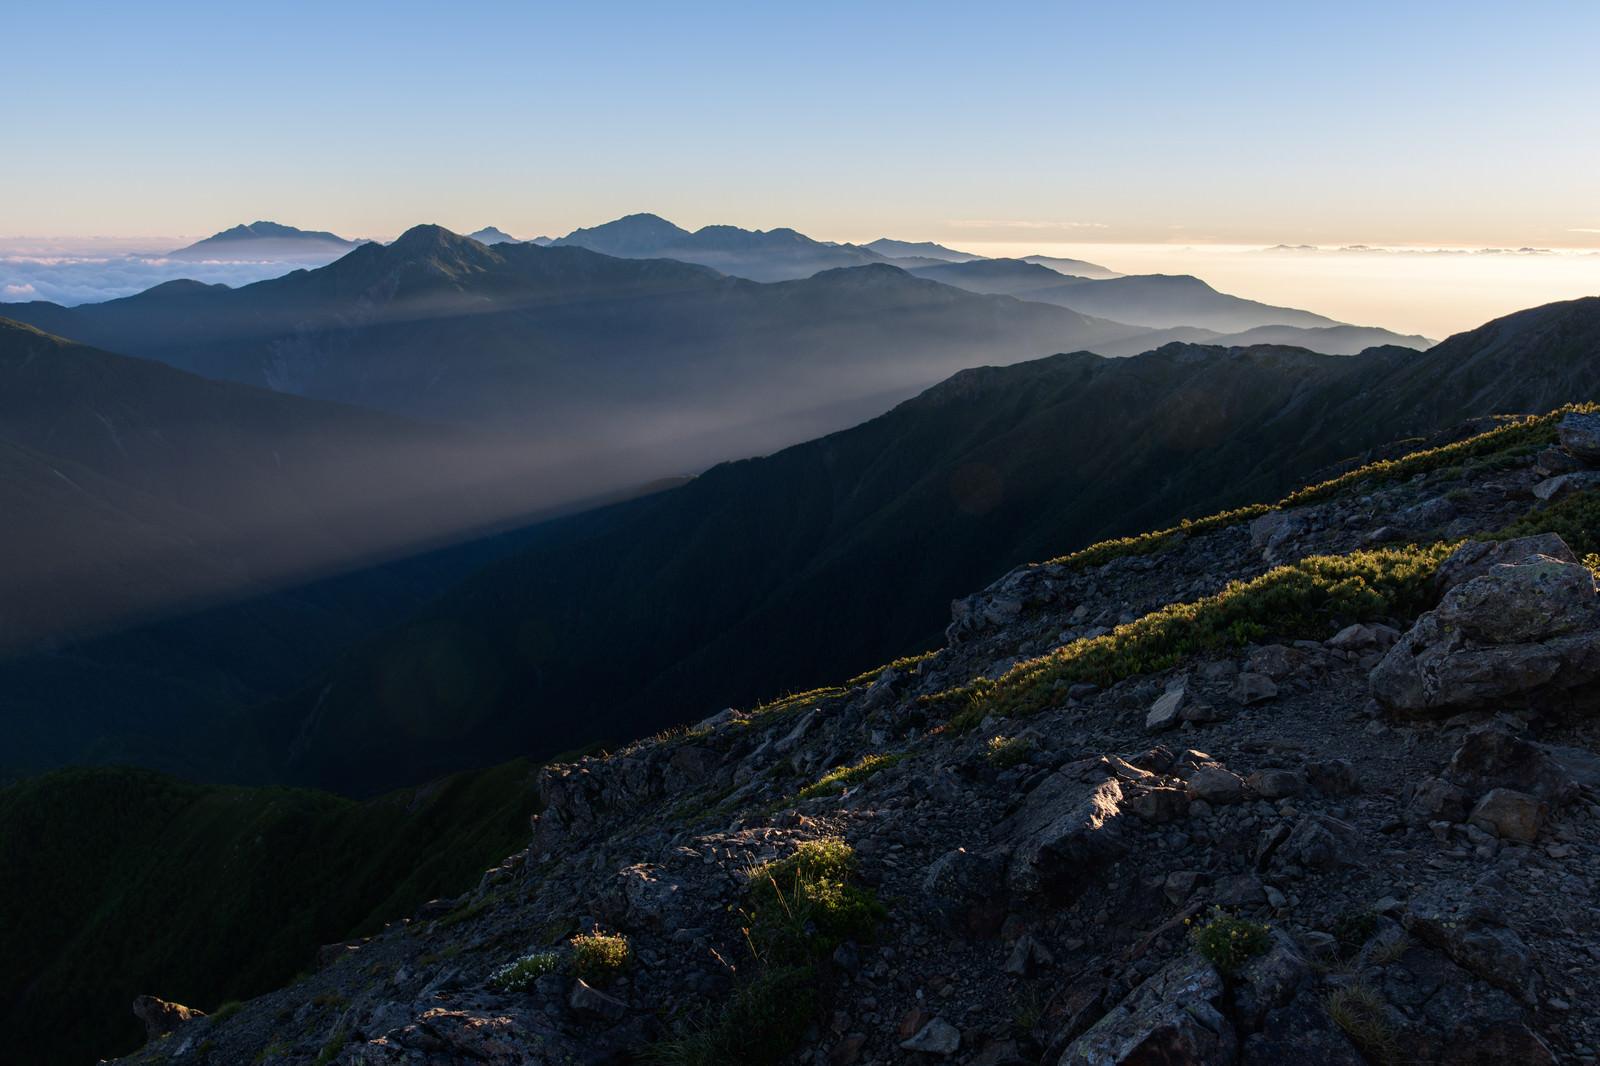 「朝日に浮かぶ南アルプス北部」の写真